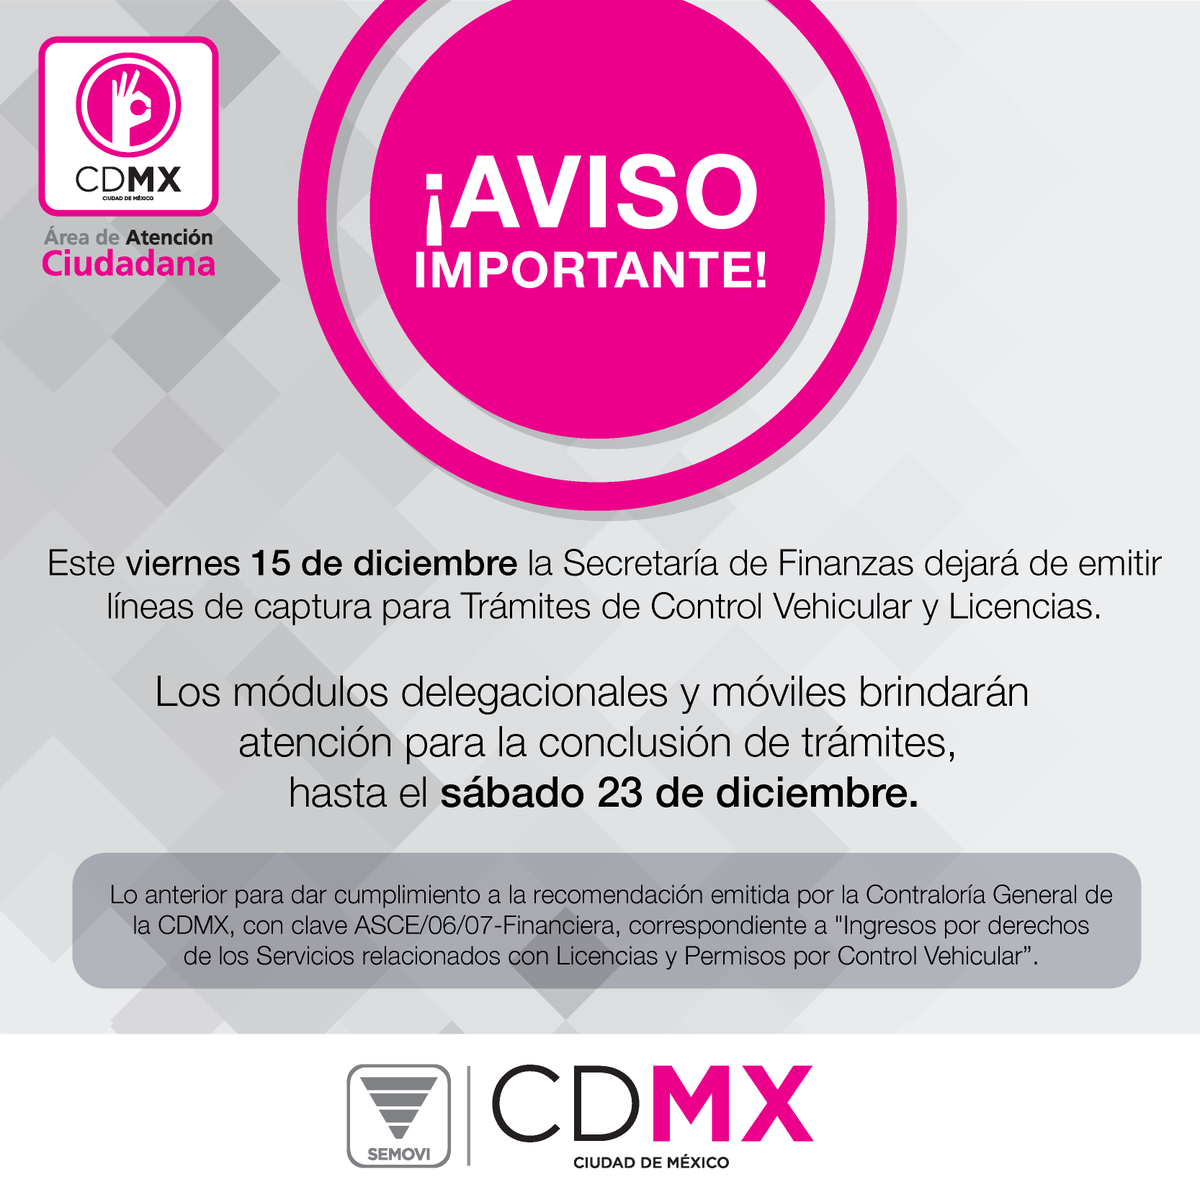 Secretaría De Movilidad Cdmx On Twitter Buen Día Así Es